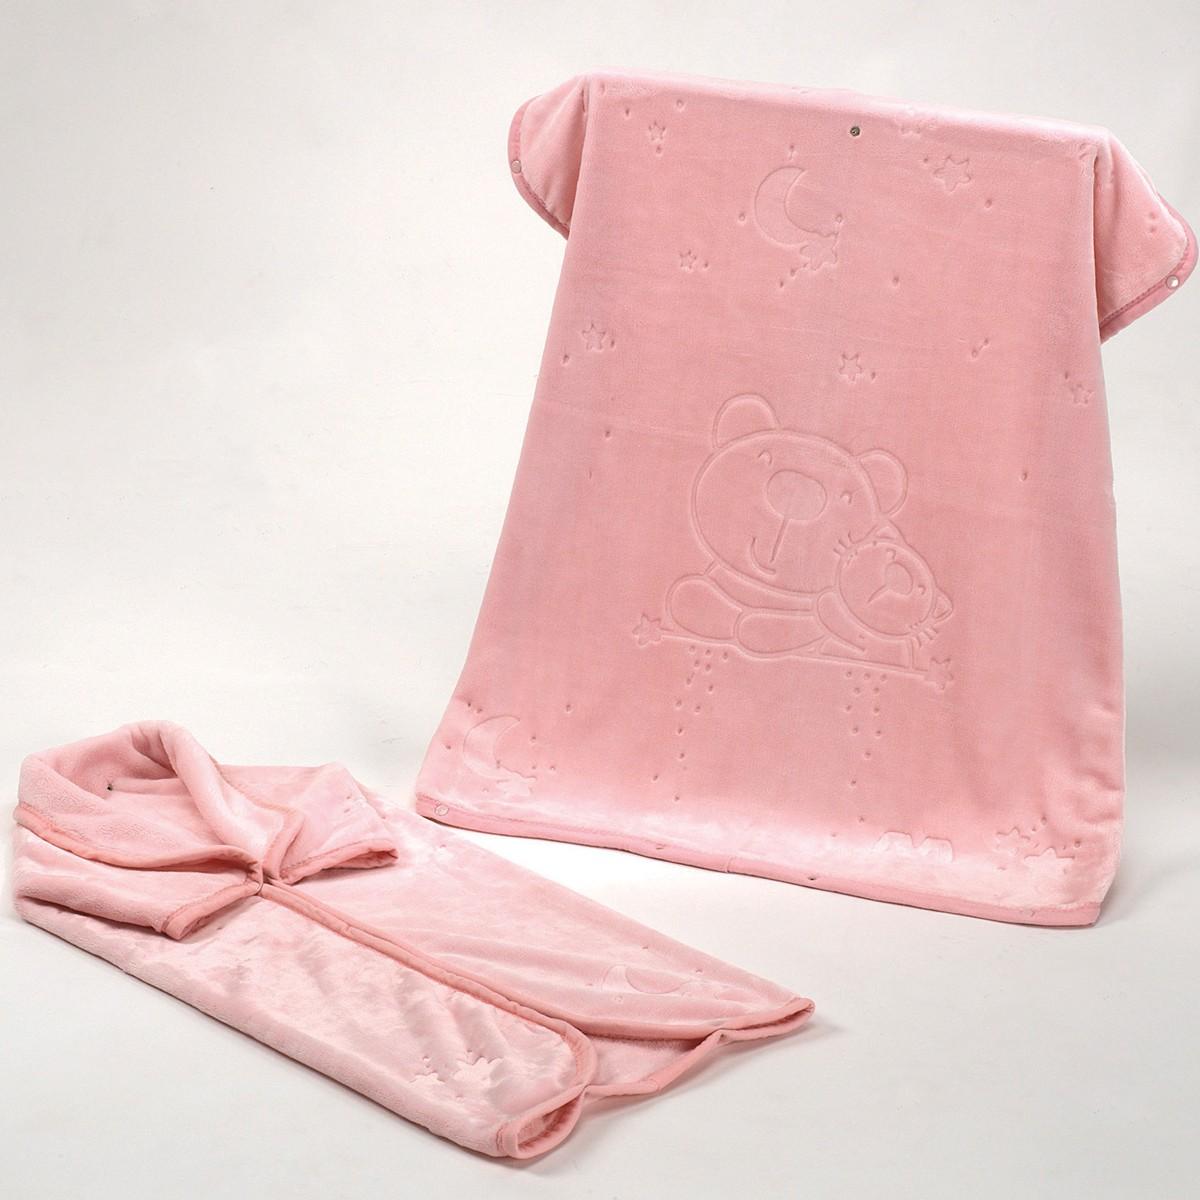 Υπνόσακος Κουβέρτα Βελουτέ Morven Baby Coat 923 Pink home   βρεφικά   υπνόσακοι βρεφικοί